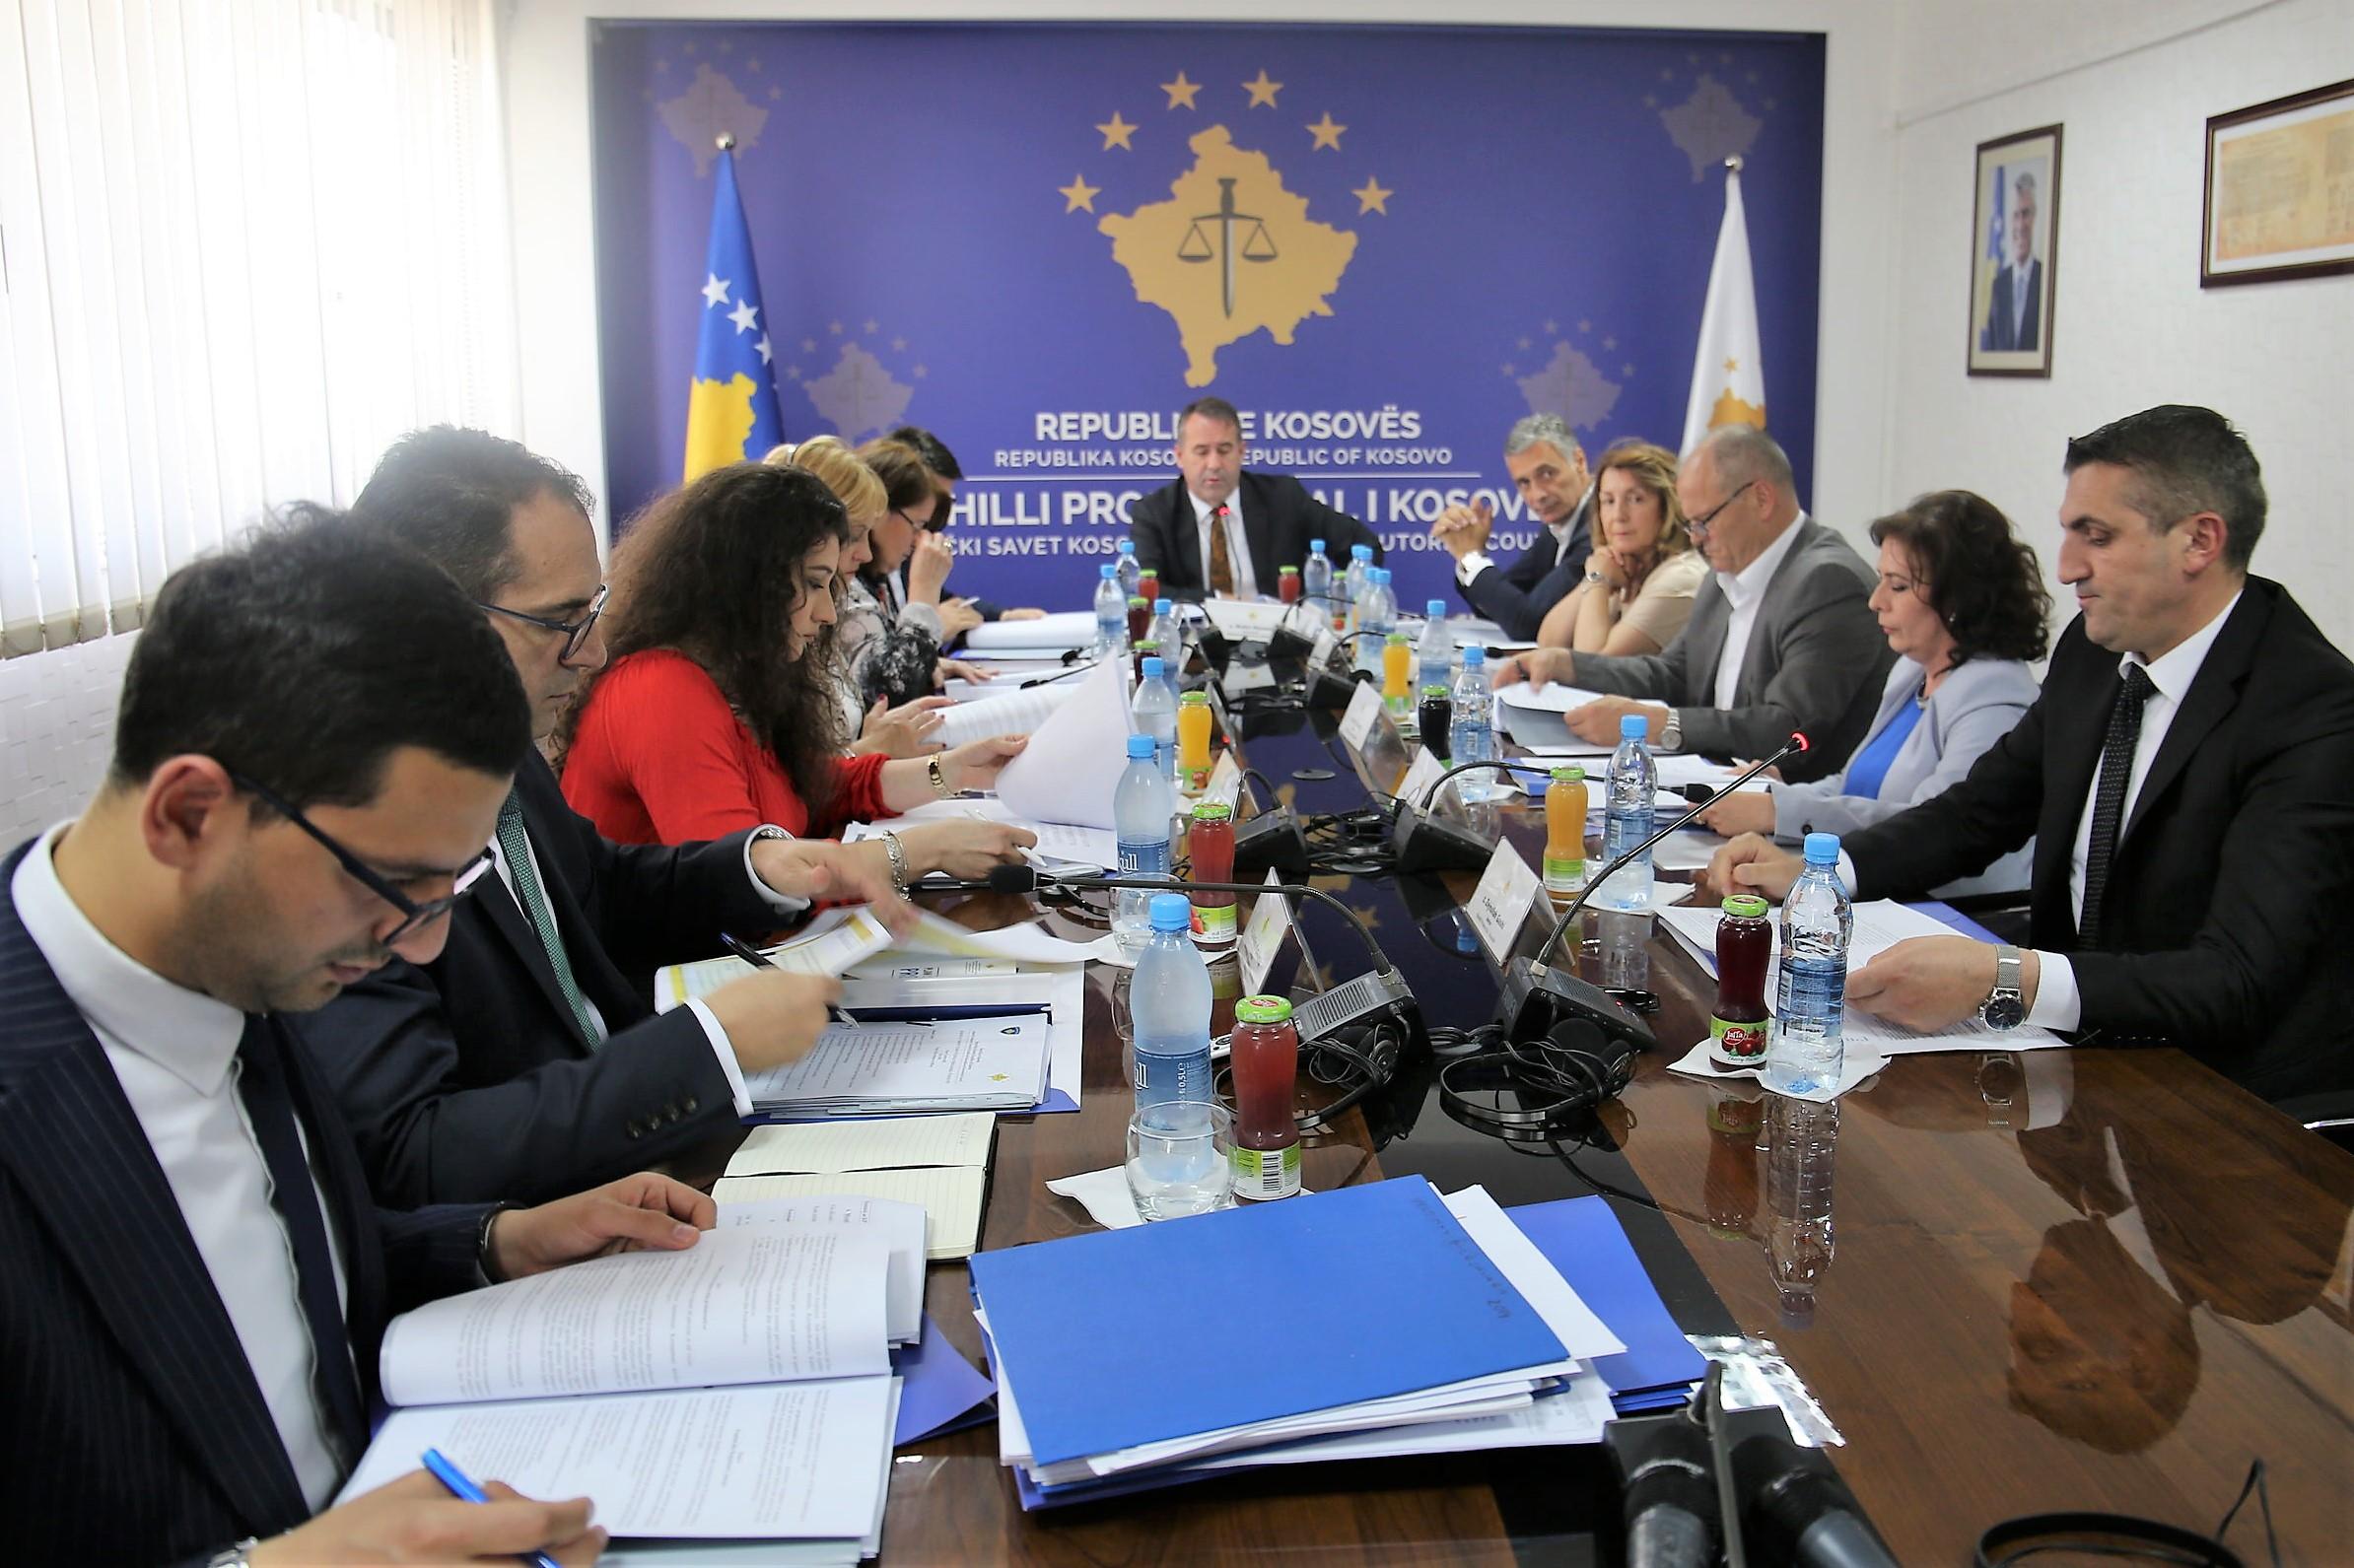 Odluka - Esencijalno se smajuju aktivnosi u okviru Tužilačkog Saveta Kosova i Državnog Tužioca